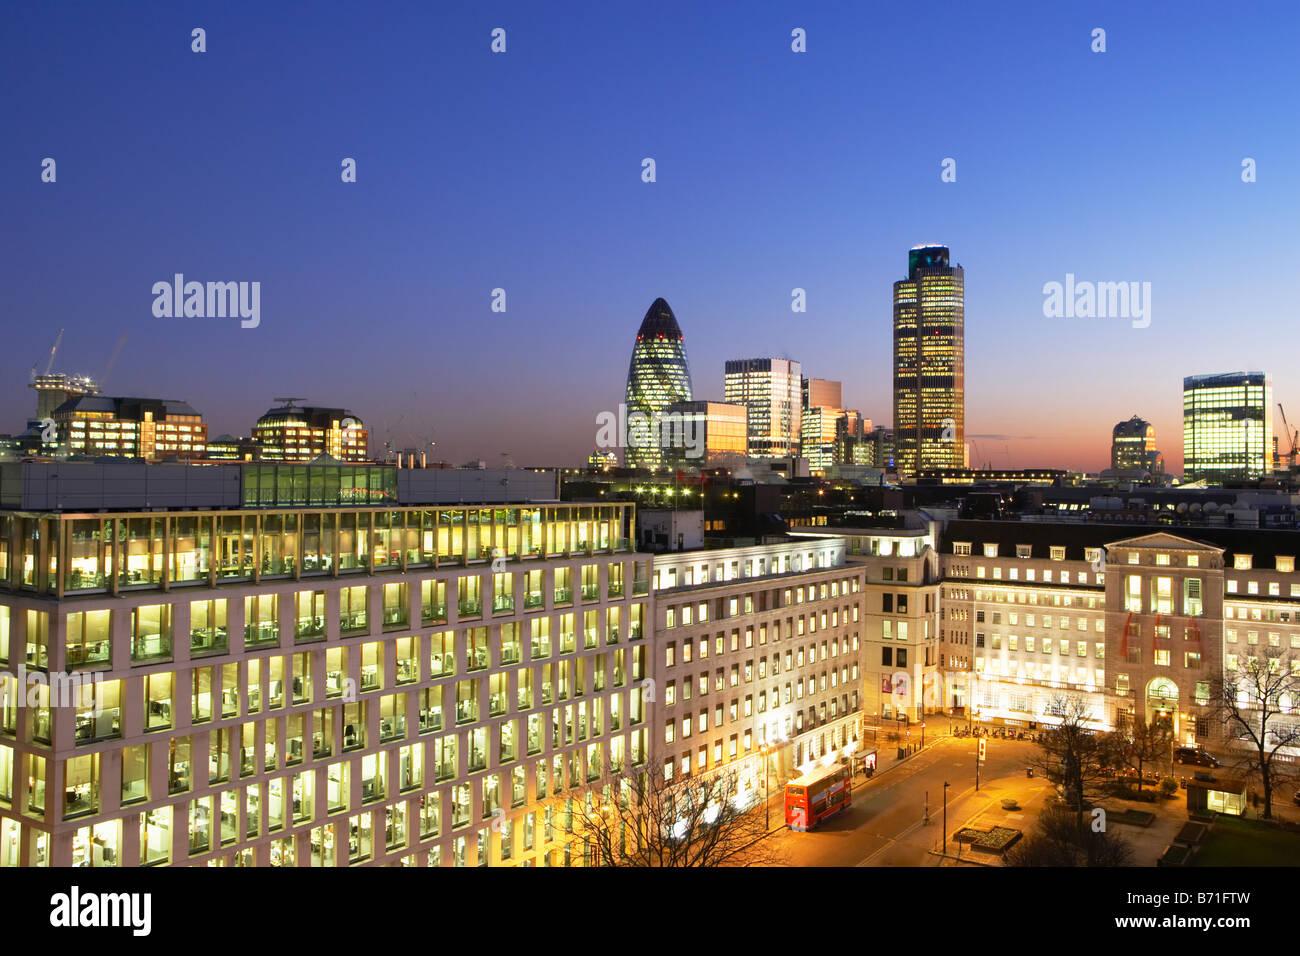 Photo de nuit de Nat West Tower Gherkin et toits de Londres Londres Angleterre Photo Stock